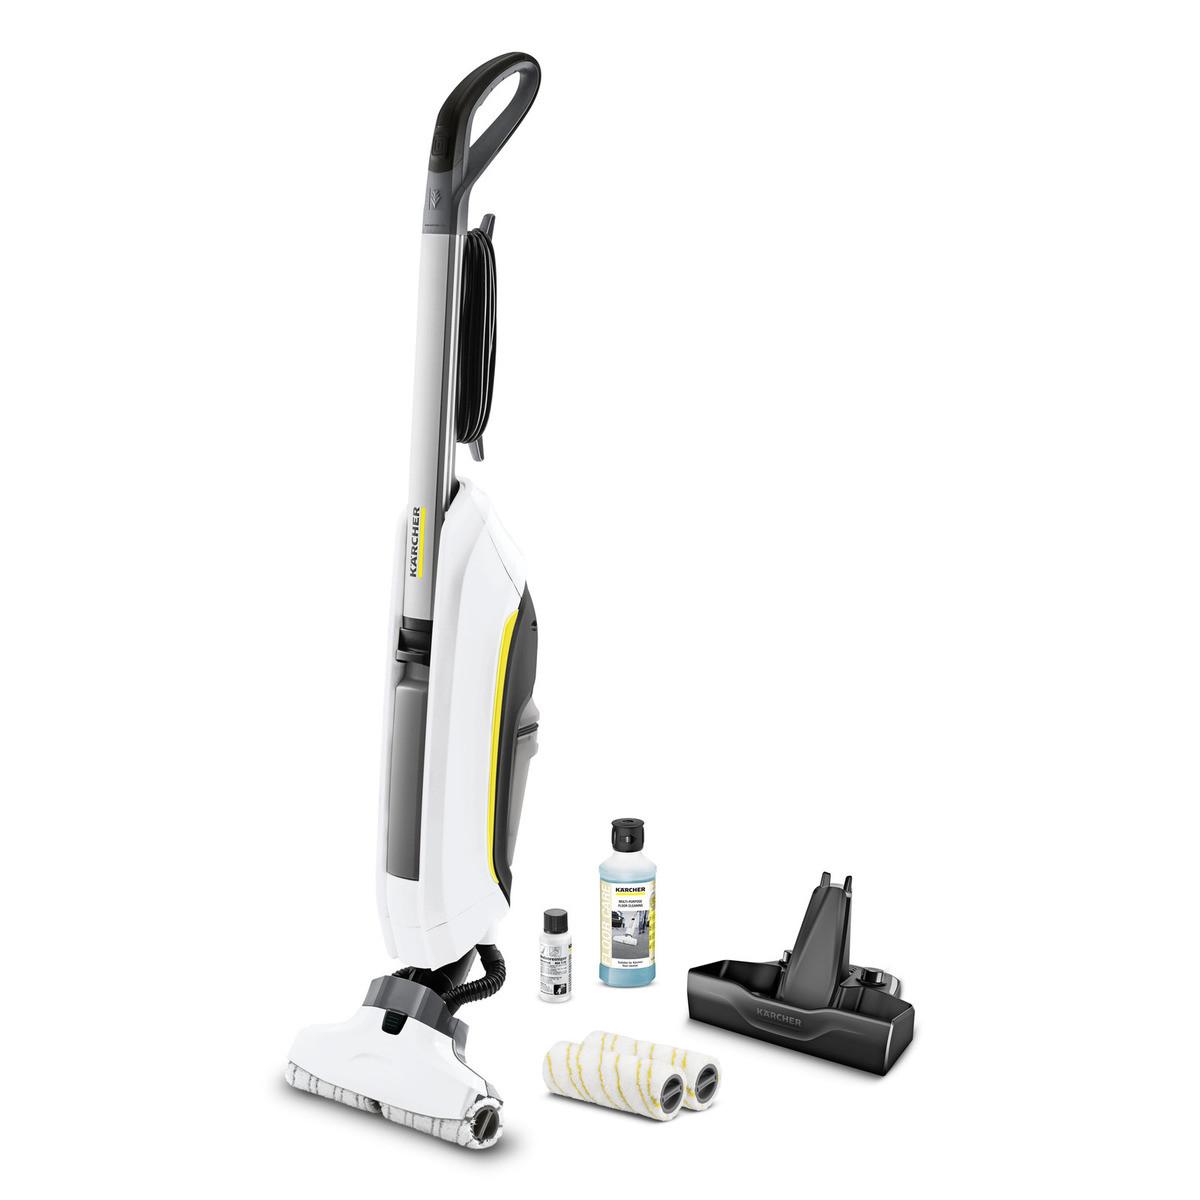 техника для влажной уборки пола дома